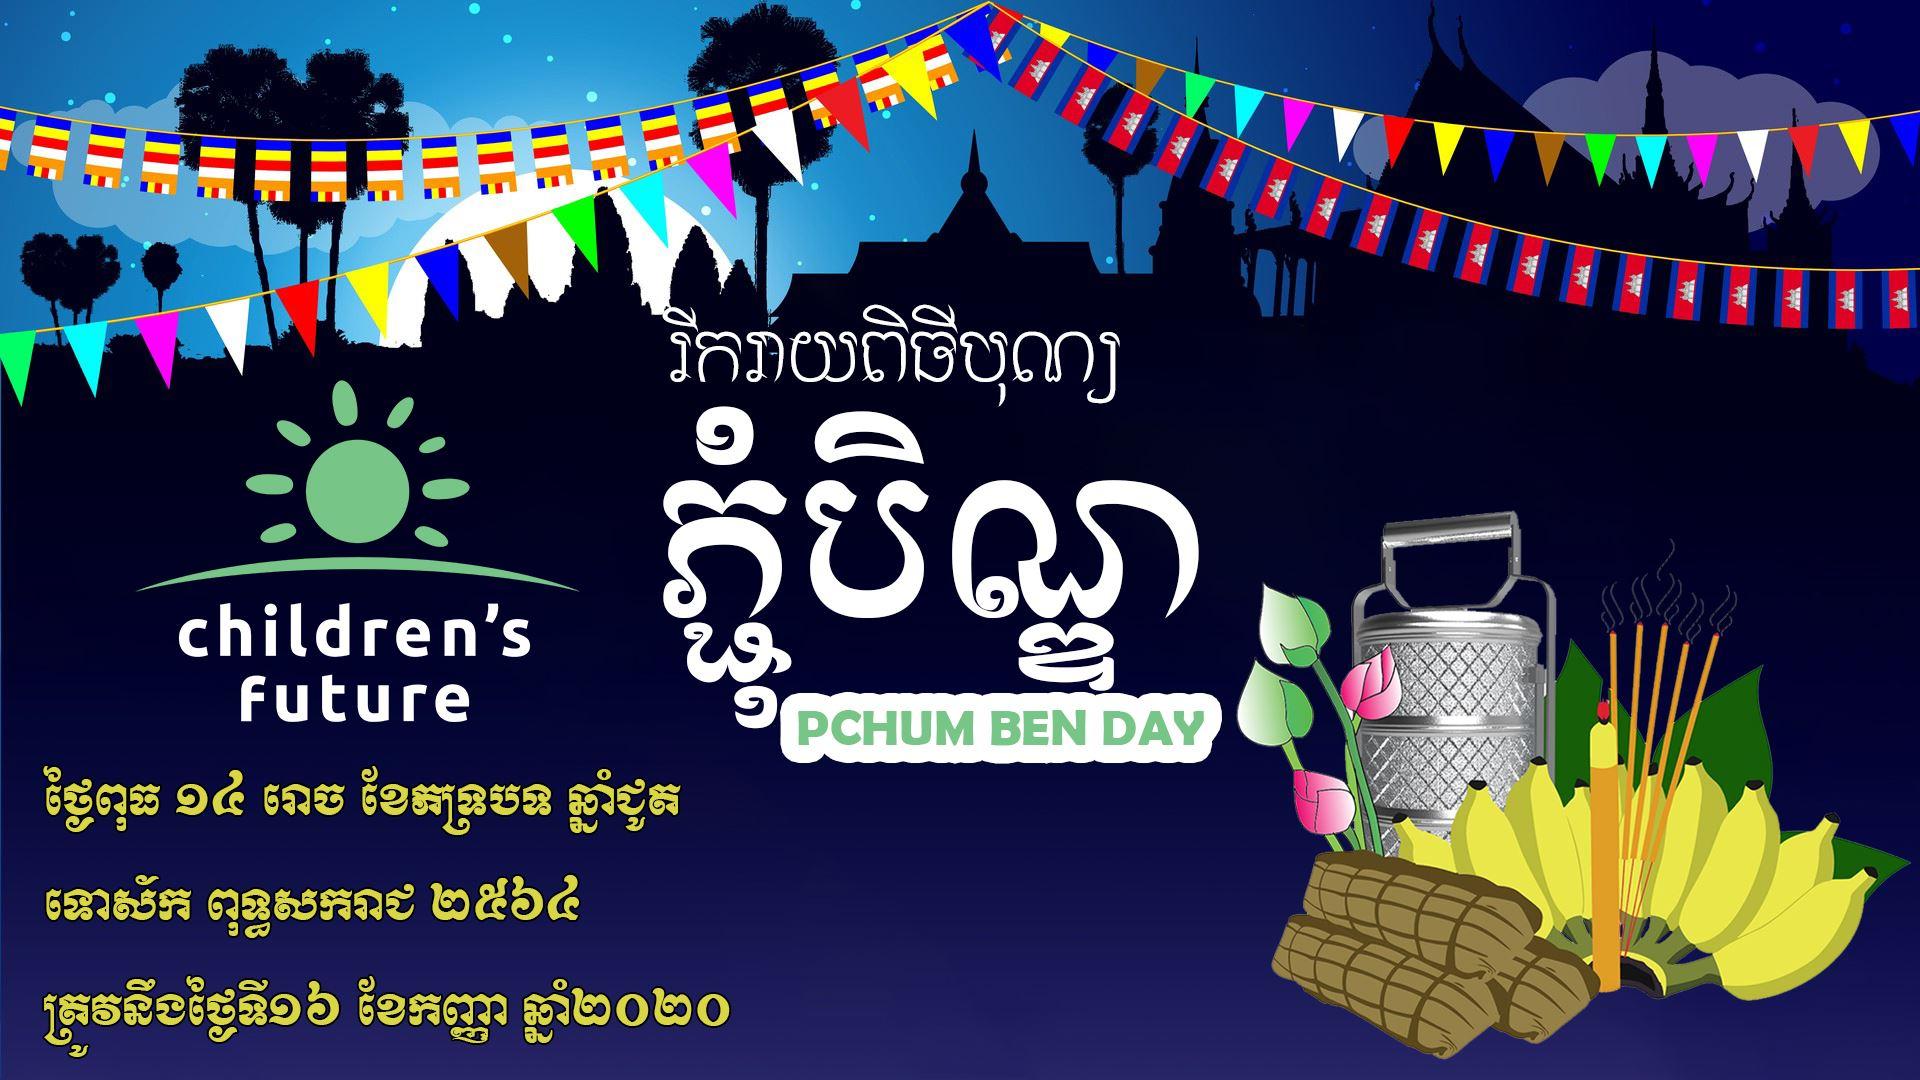 Pchum Ben Day 20